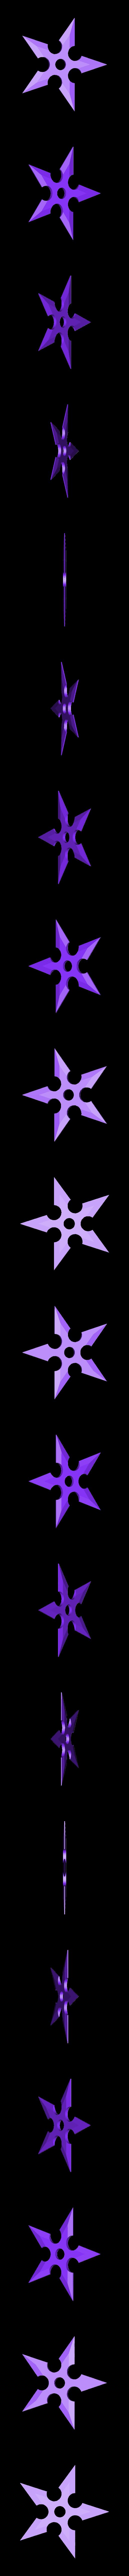 shuriken 5 branches v2 v1.stl Download free STL file shuriken 5 branches v2 • 3D printable design, lopezclement43